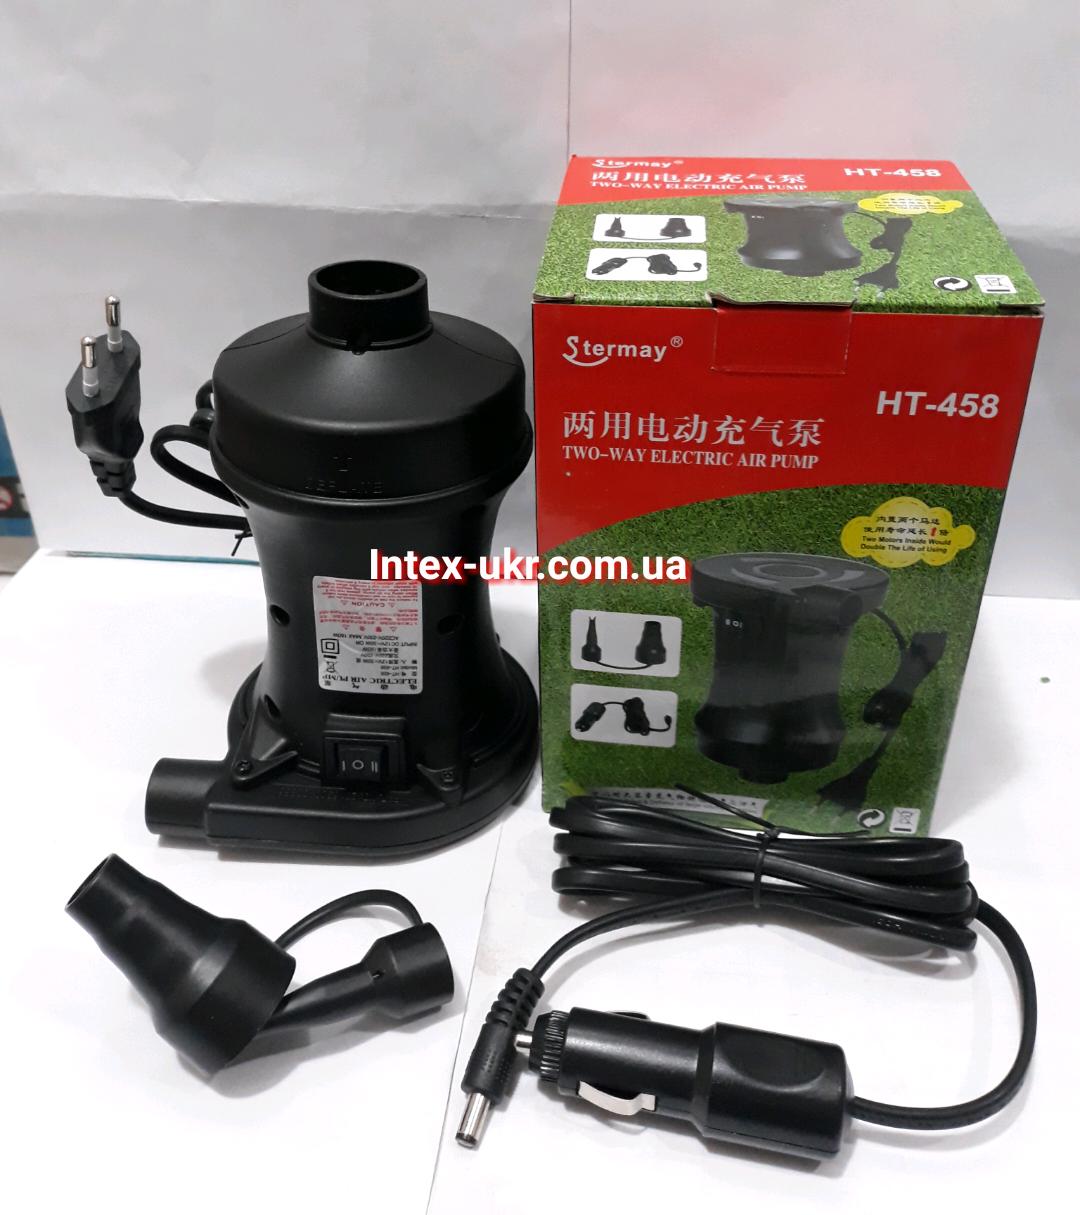 Насос-помпа електричний Stermay HT-458 2 в 1 (з автомобільною зарядкою)